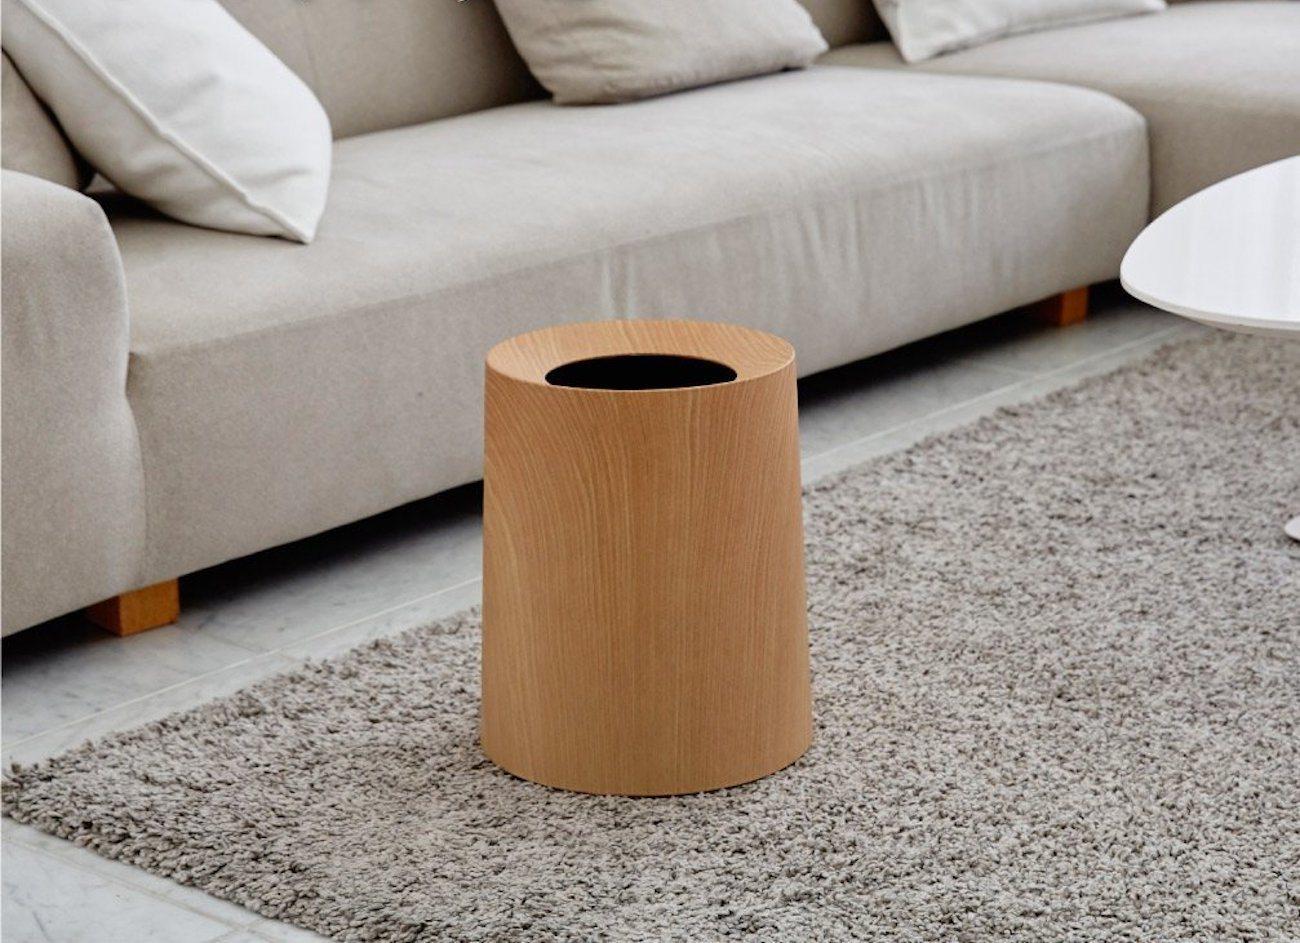 TUBELOR Trashcan Cover